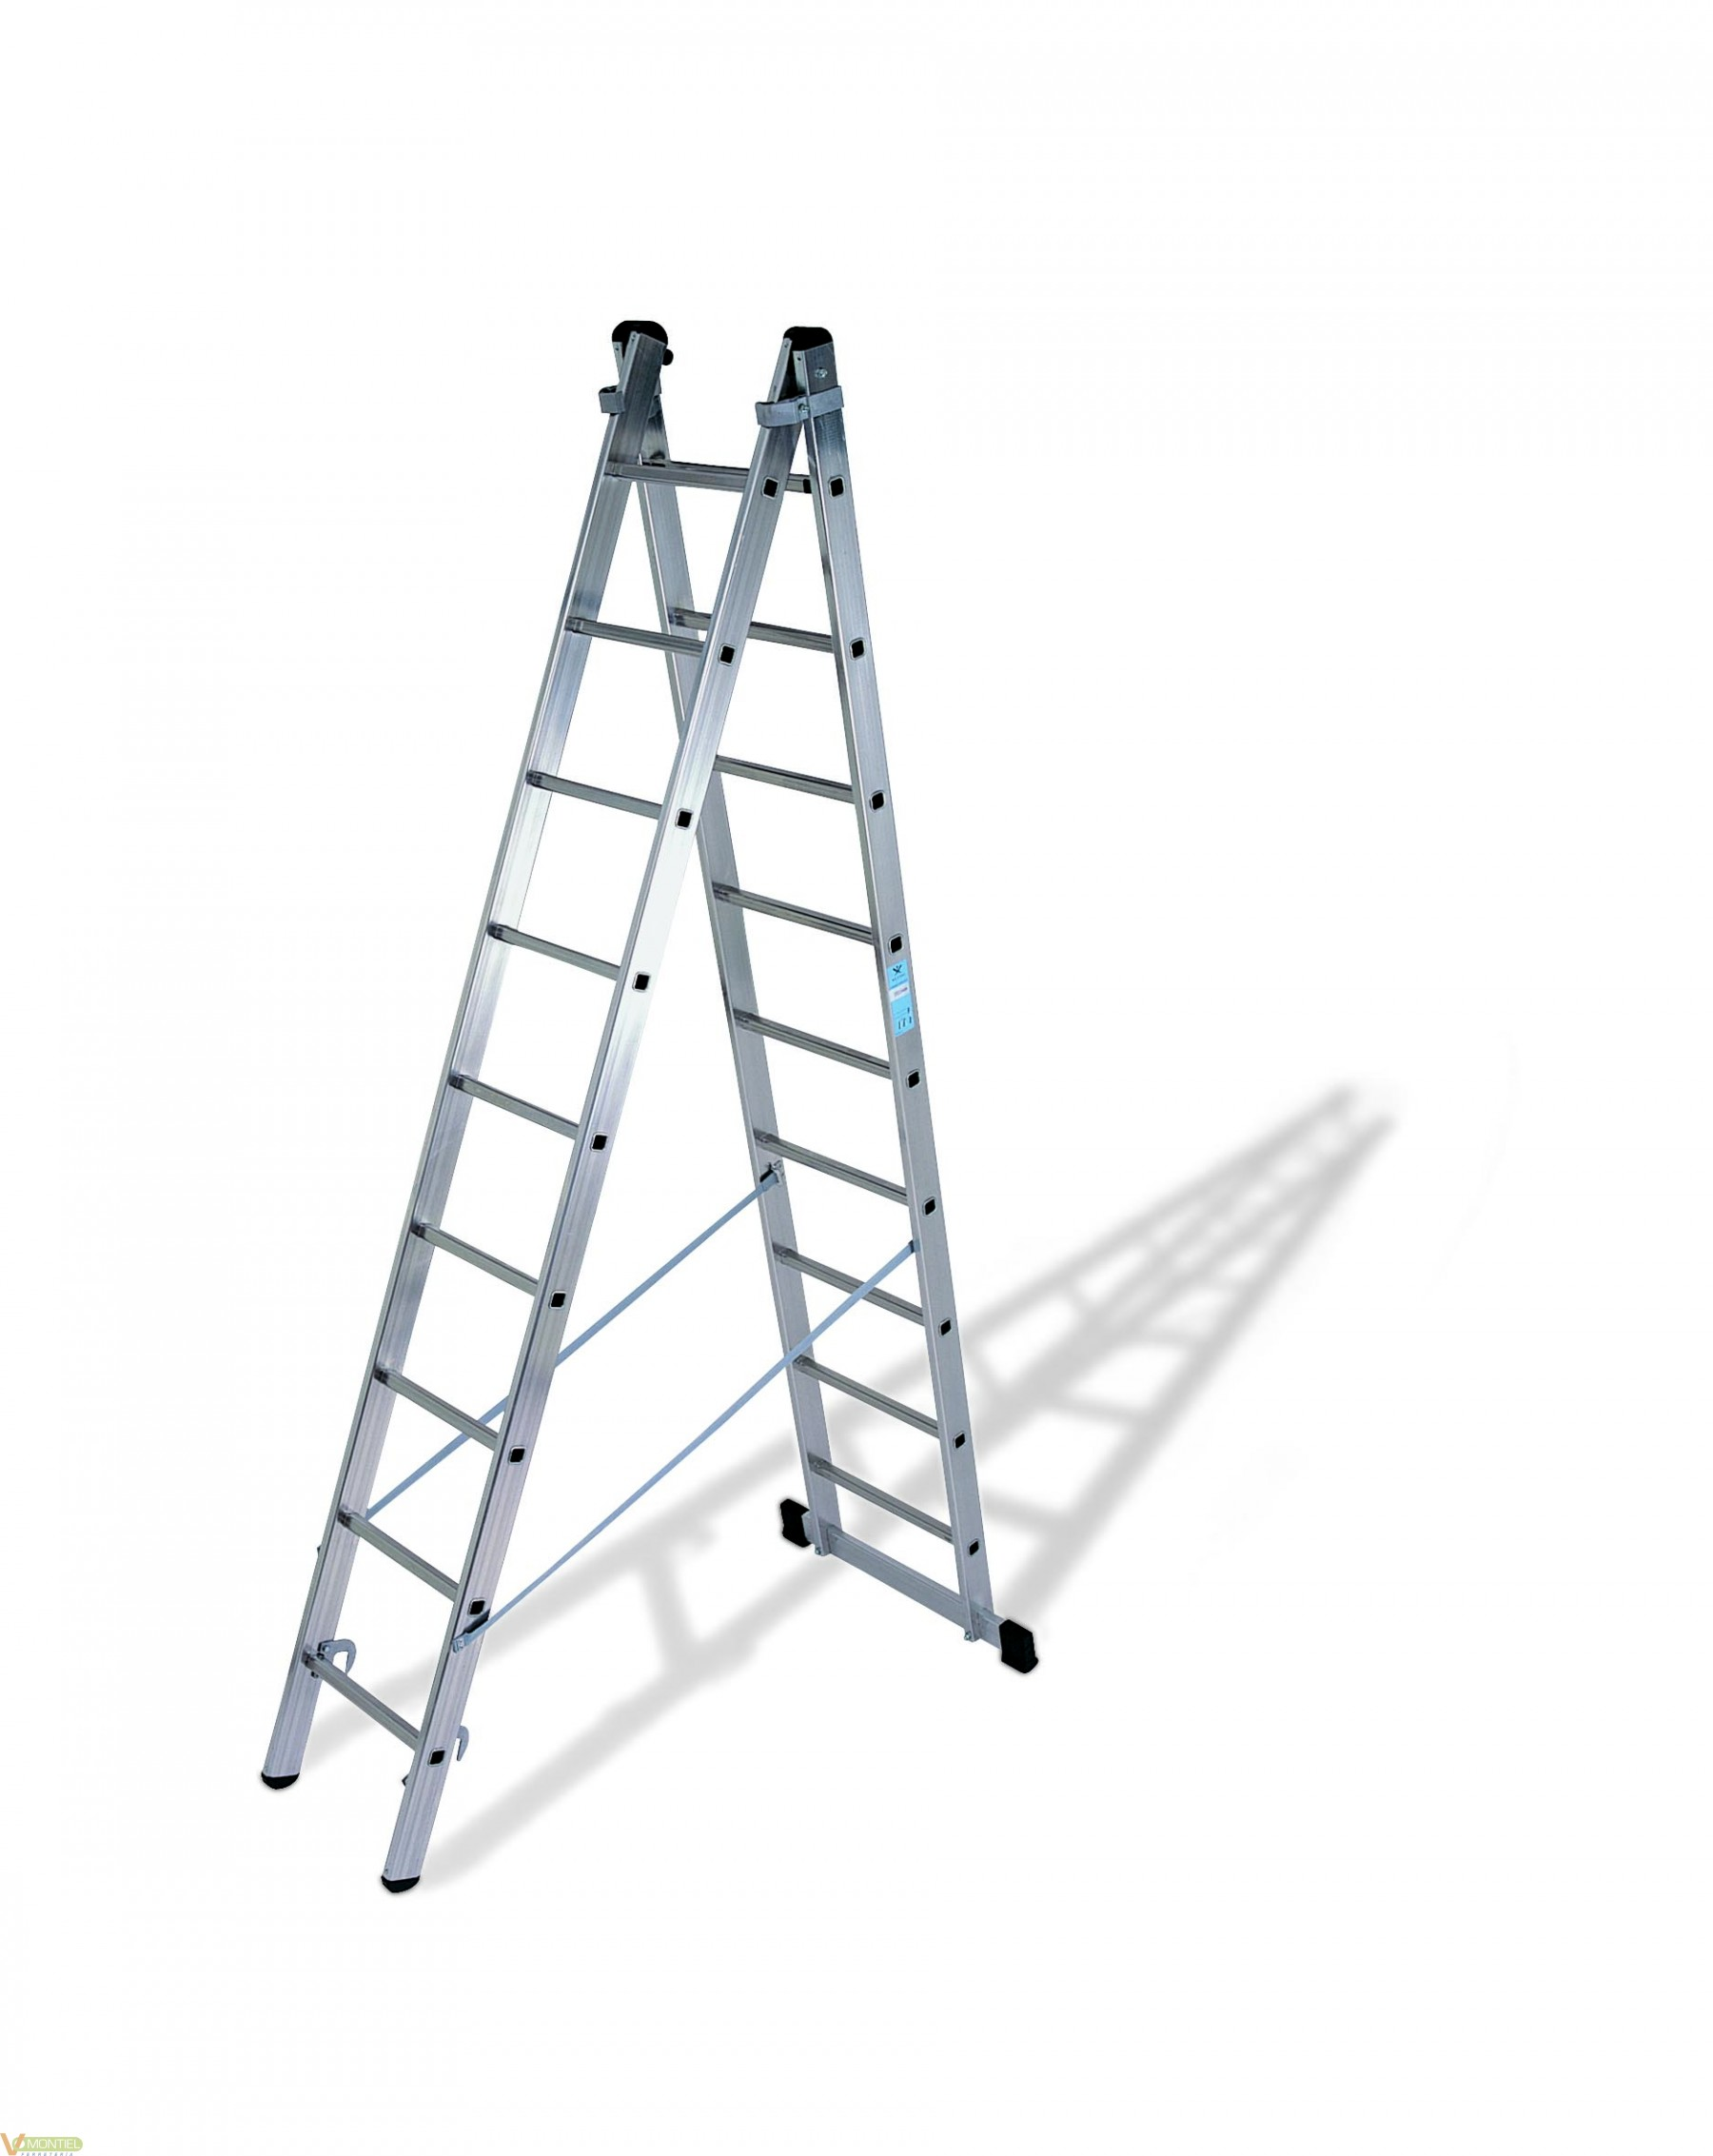 Escalera doble c/base 9x2 4,48-0